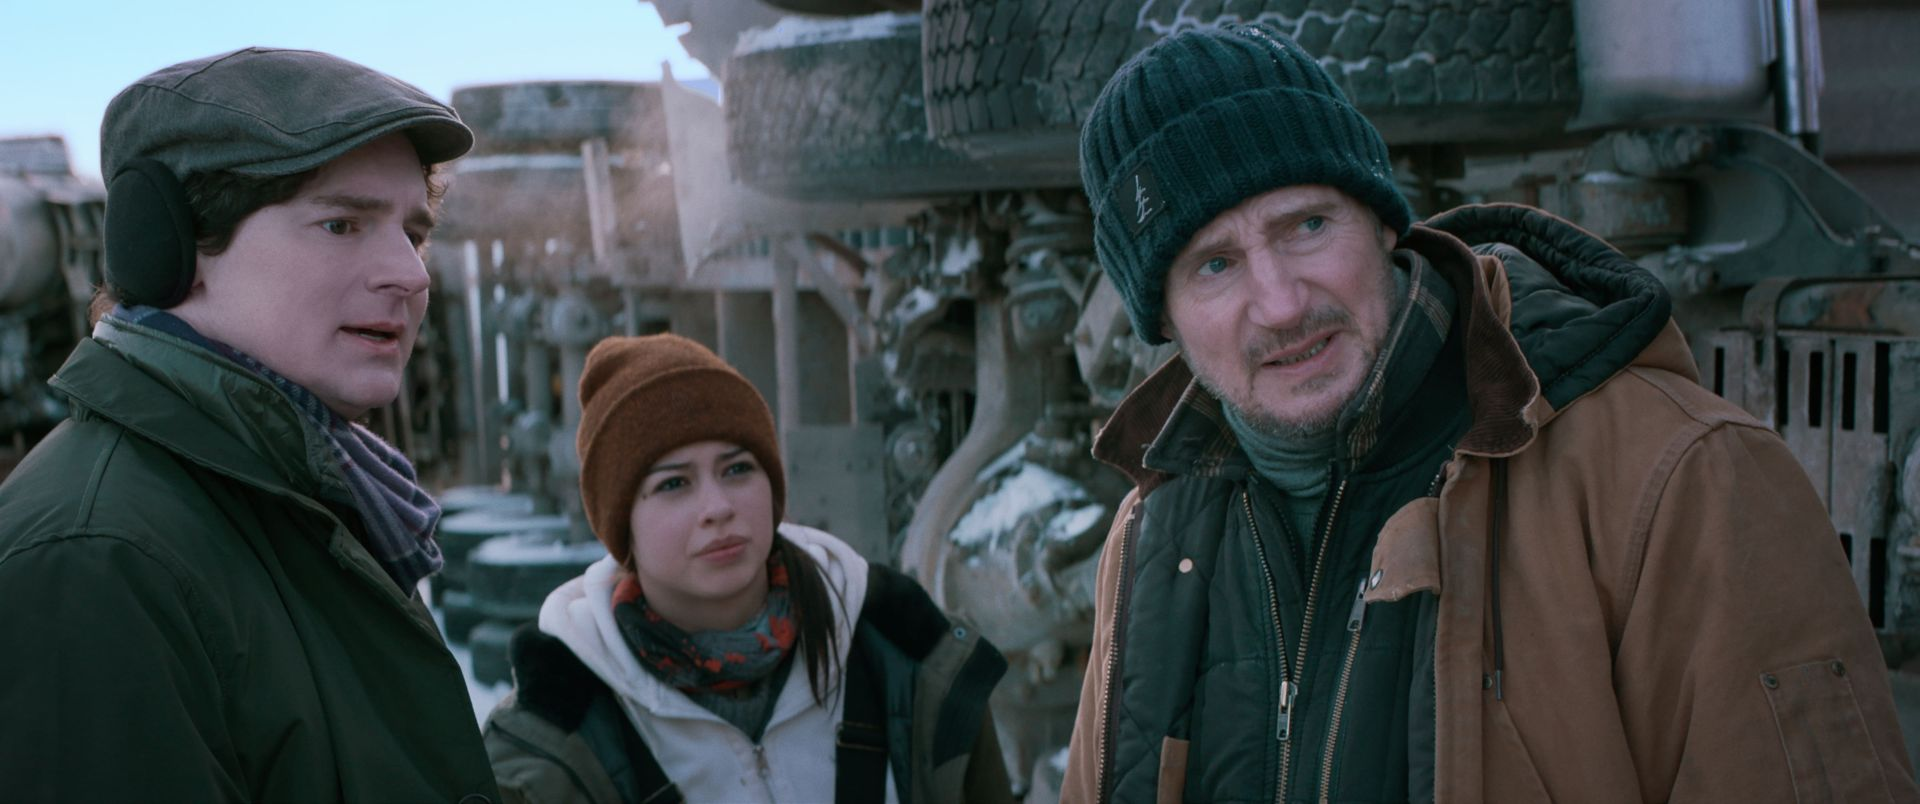 亿万巨星连恩尼逊再次演出动作强片《疾冻救援》力抗恶劣环境与危险杀机